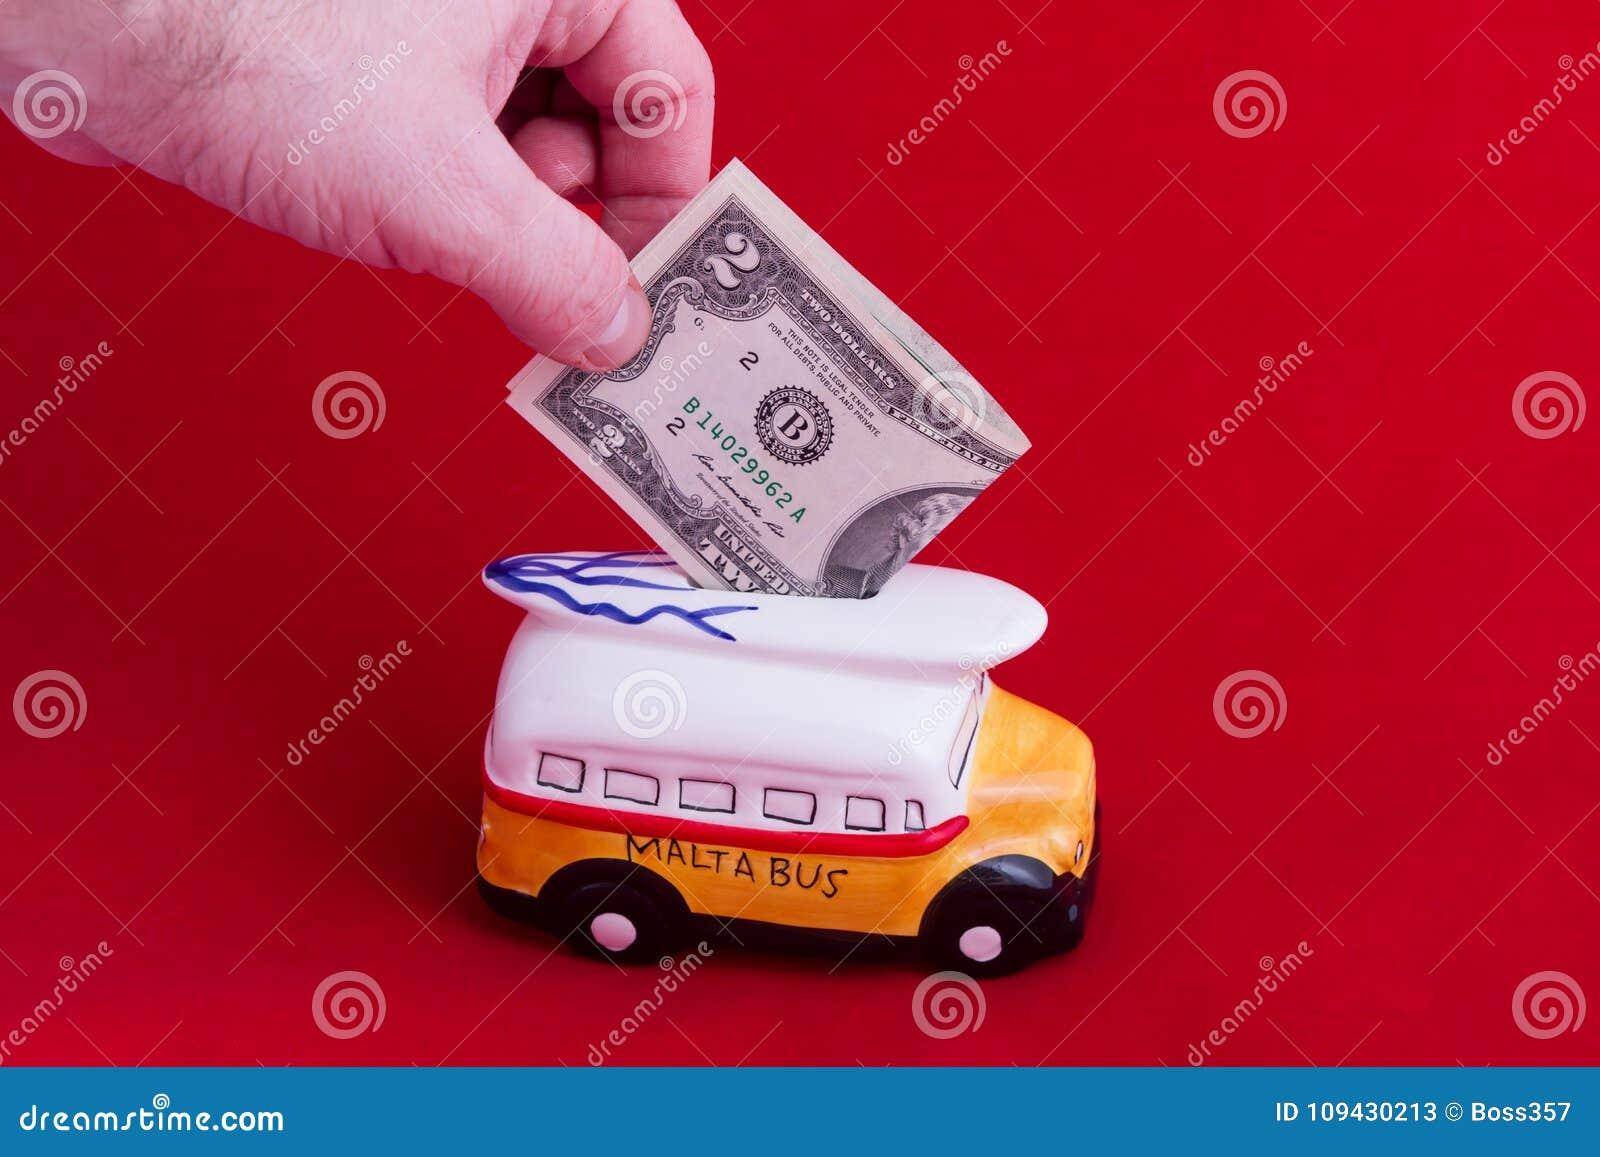 Spaarpot, in de vorm van een ceramische bus met een benaming van twee dollars, op een rode achtergrond Het concept besparingsgeld